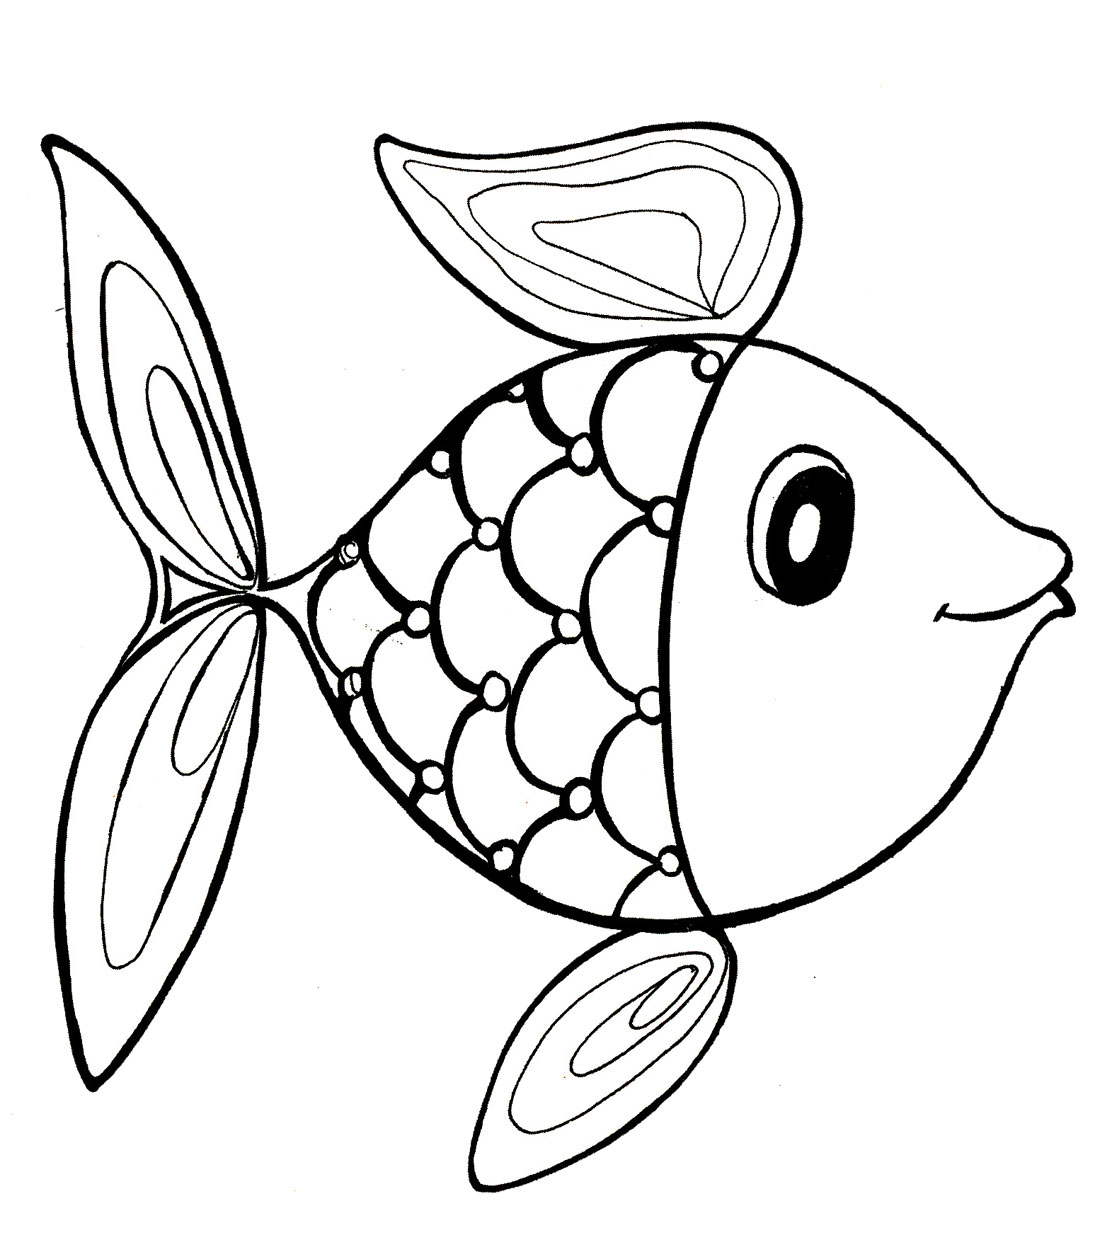 Картинка Раскраска Рыбка Для Детей